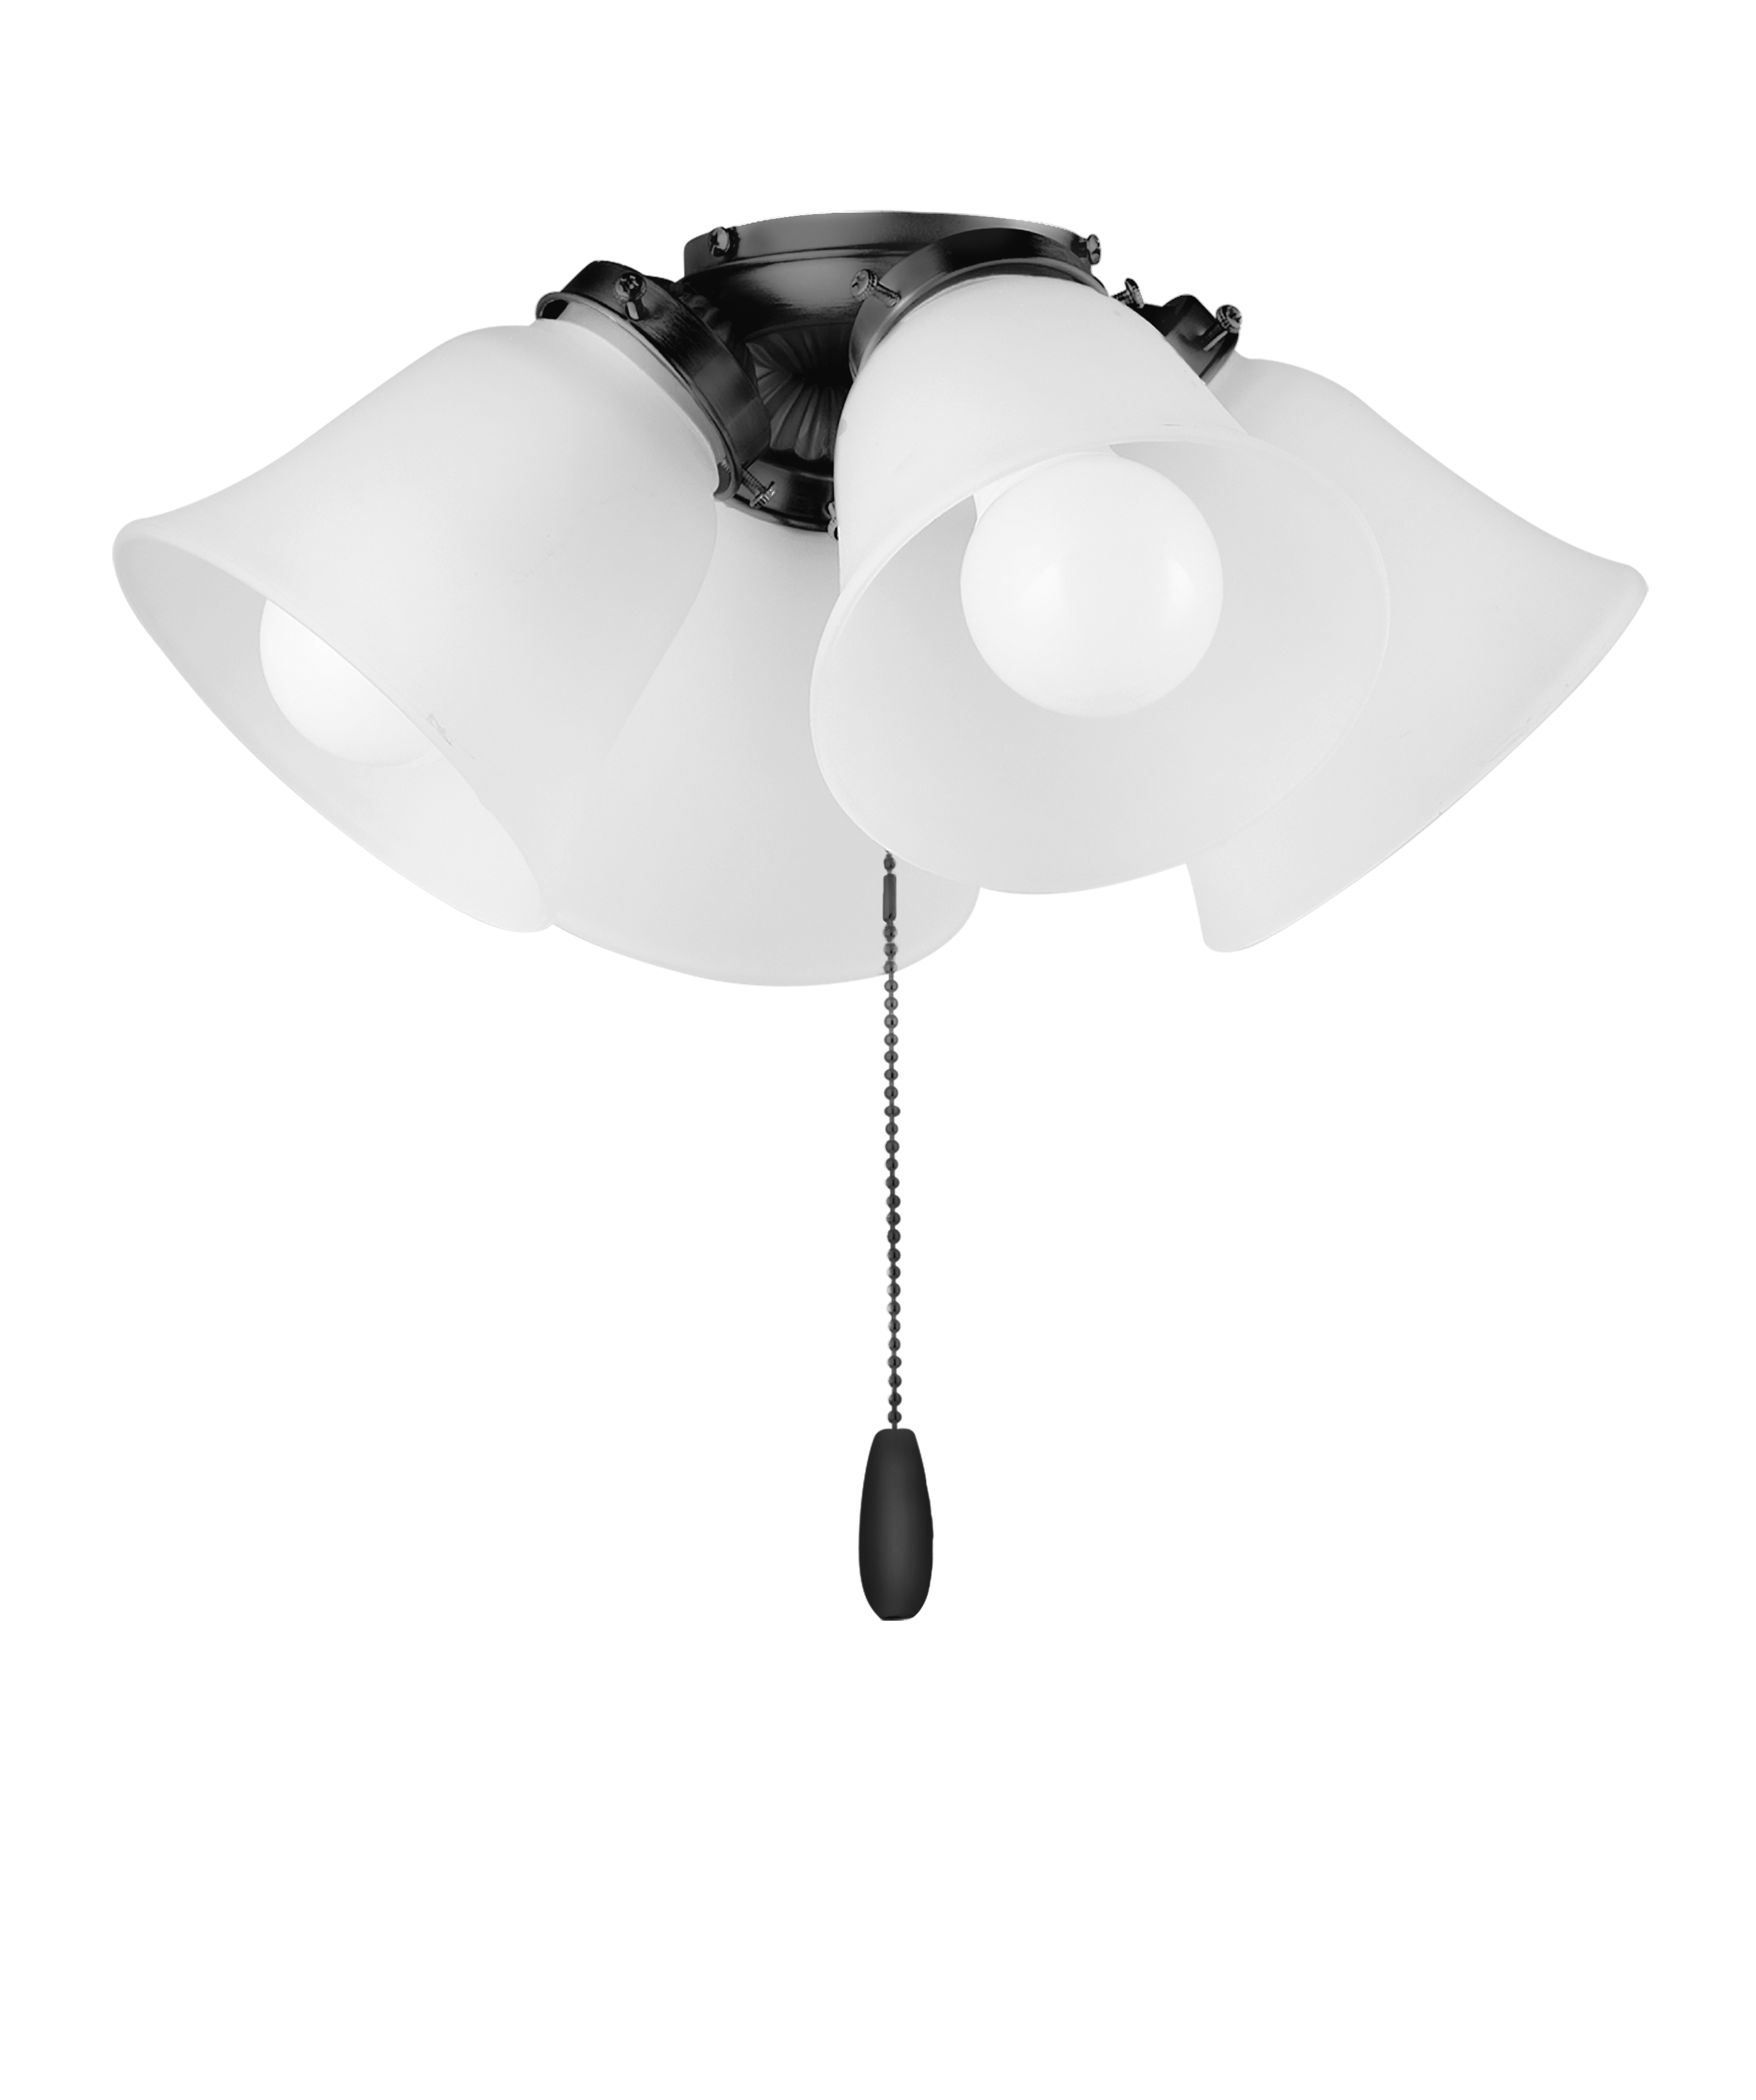 4 Light Led Ceiling Fan Light Kit W Bulbs